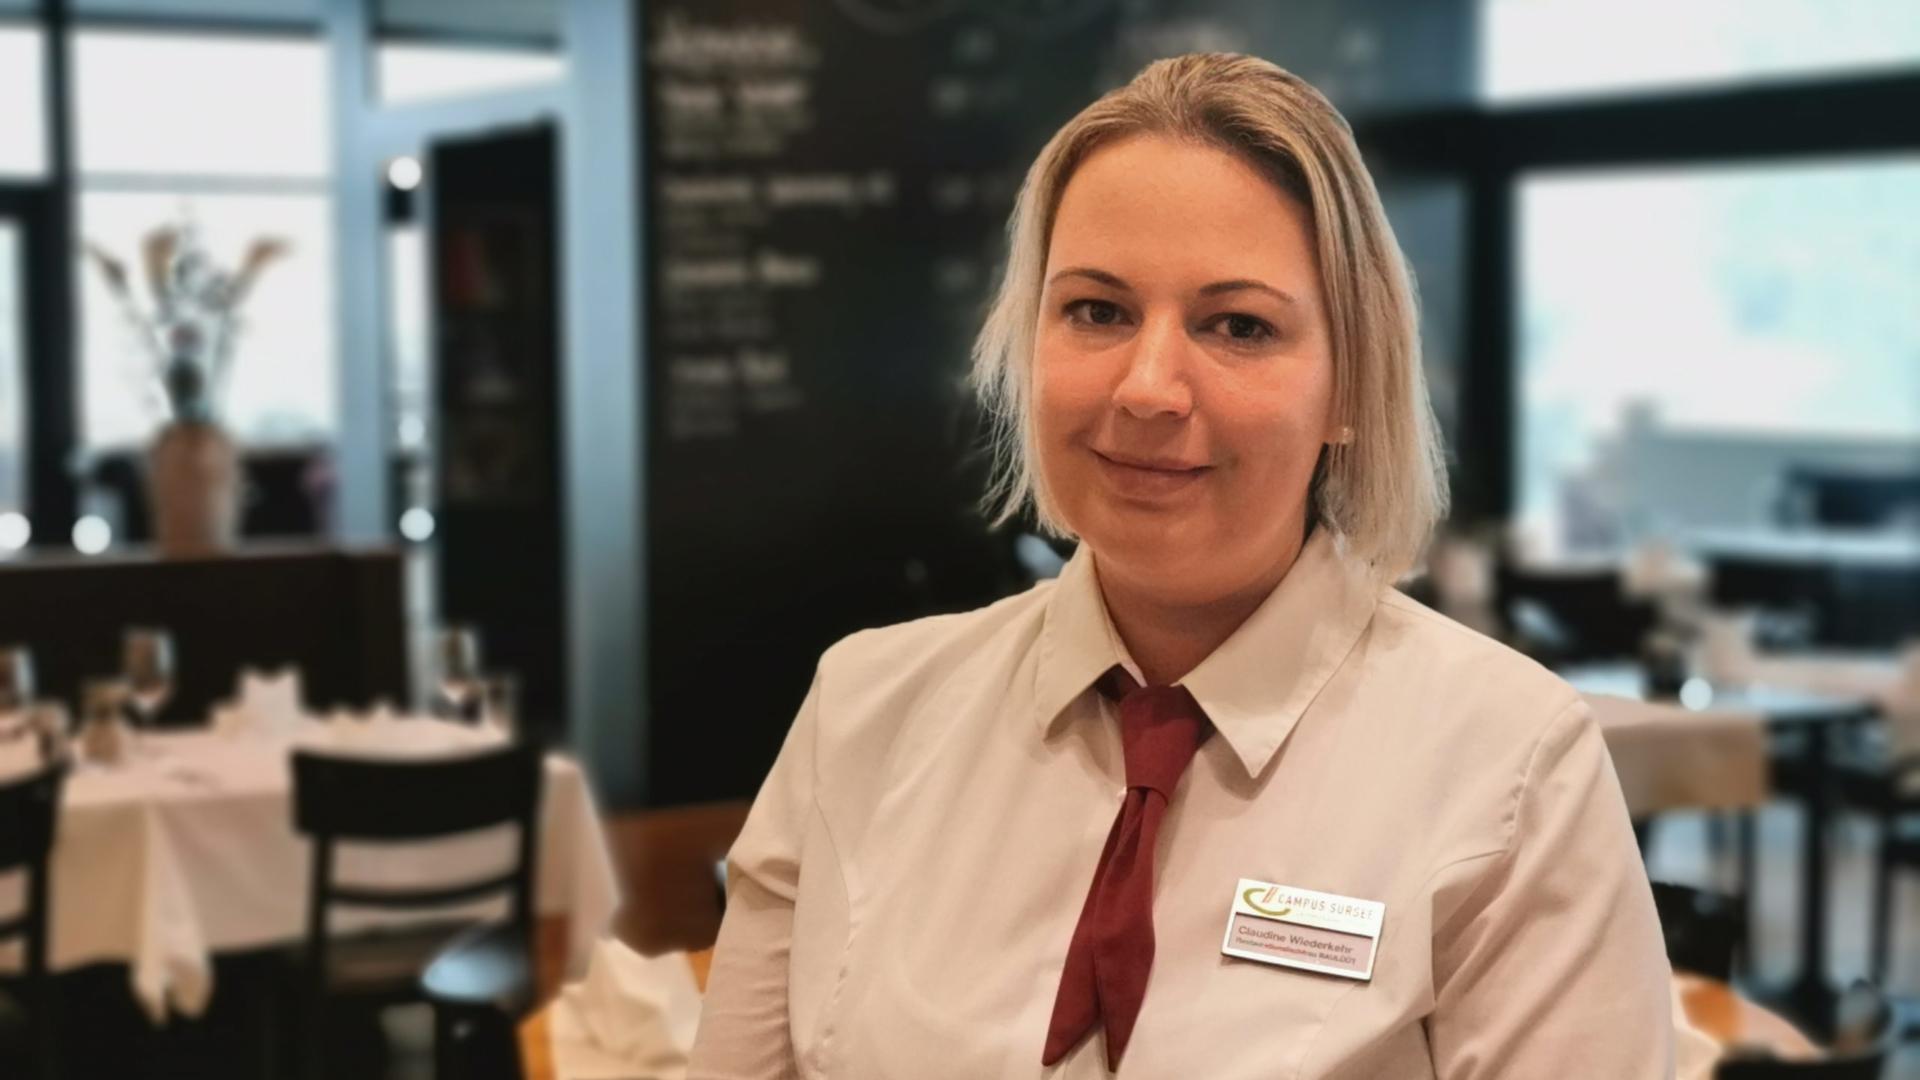 Claudine Wiederkehr, Servicemitarbeiterin